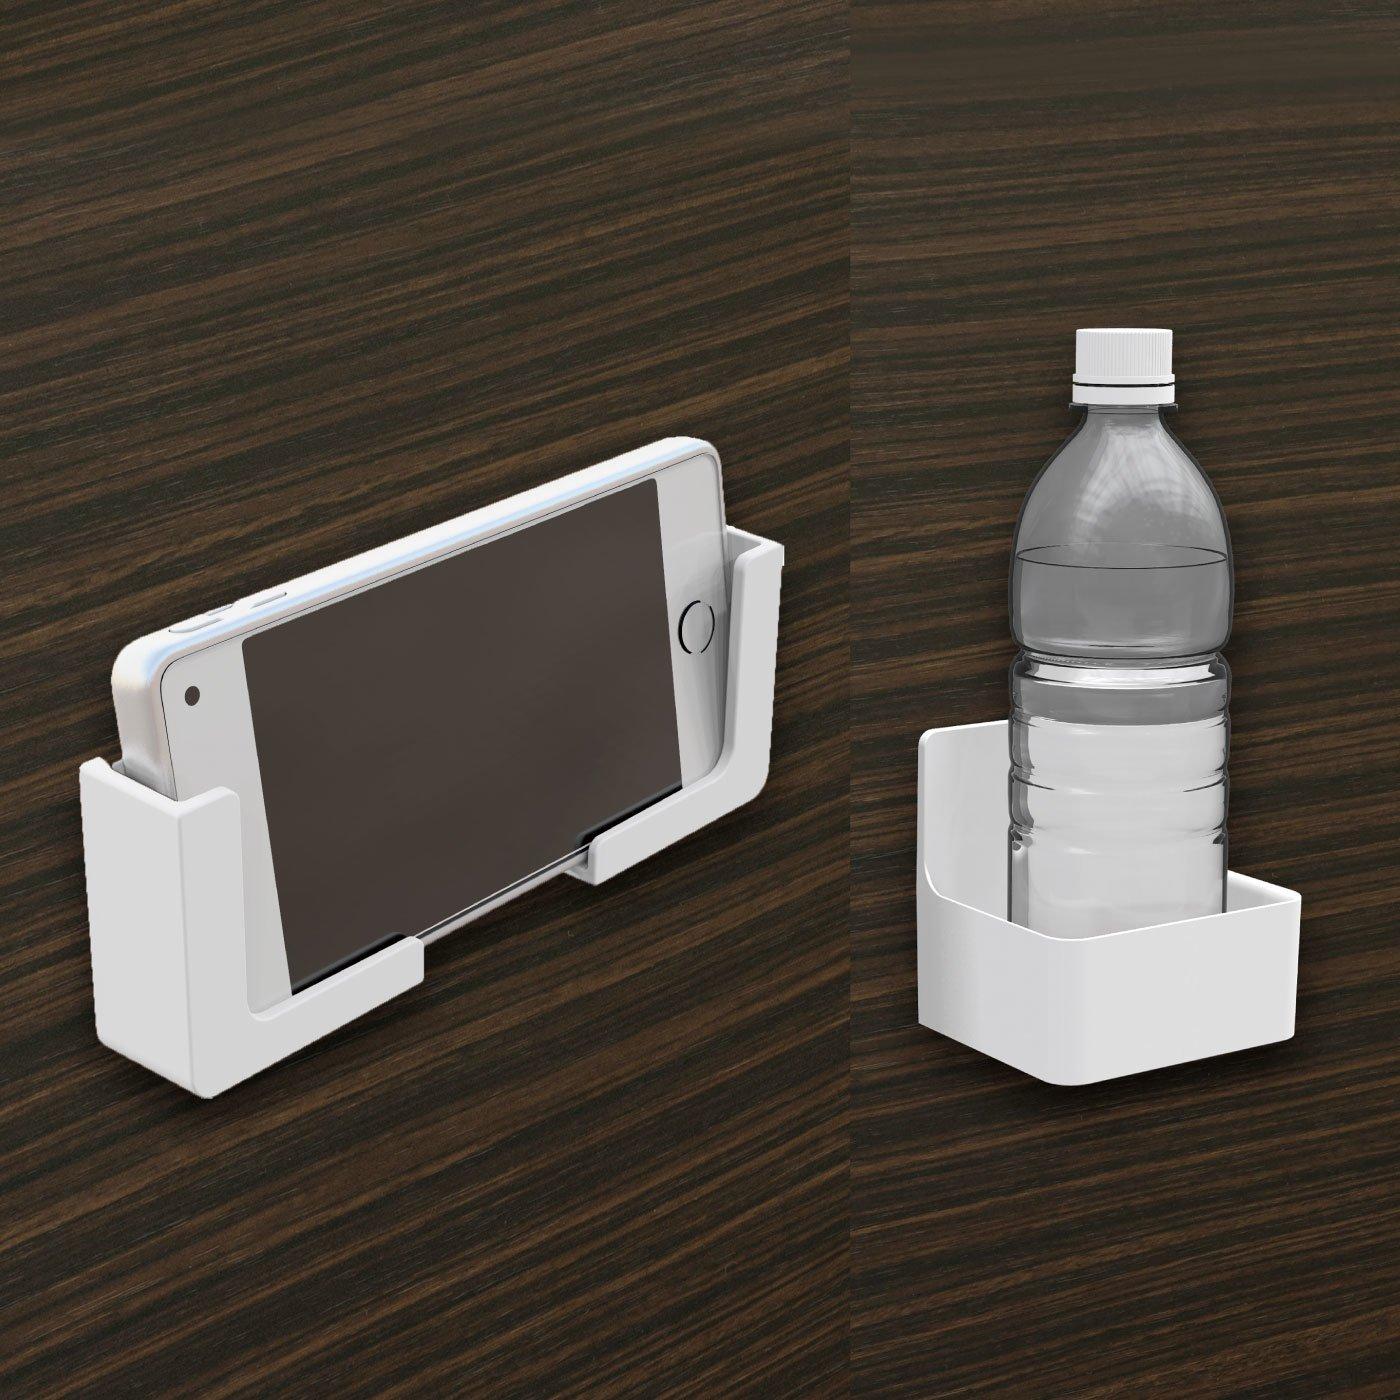 浴室の壁に貼り付く 磁着SQ マグネットバススマートフォンホルダー・マグネットバスドリンクホルダーセット